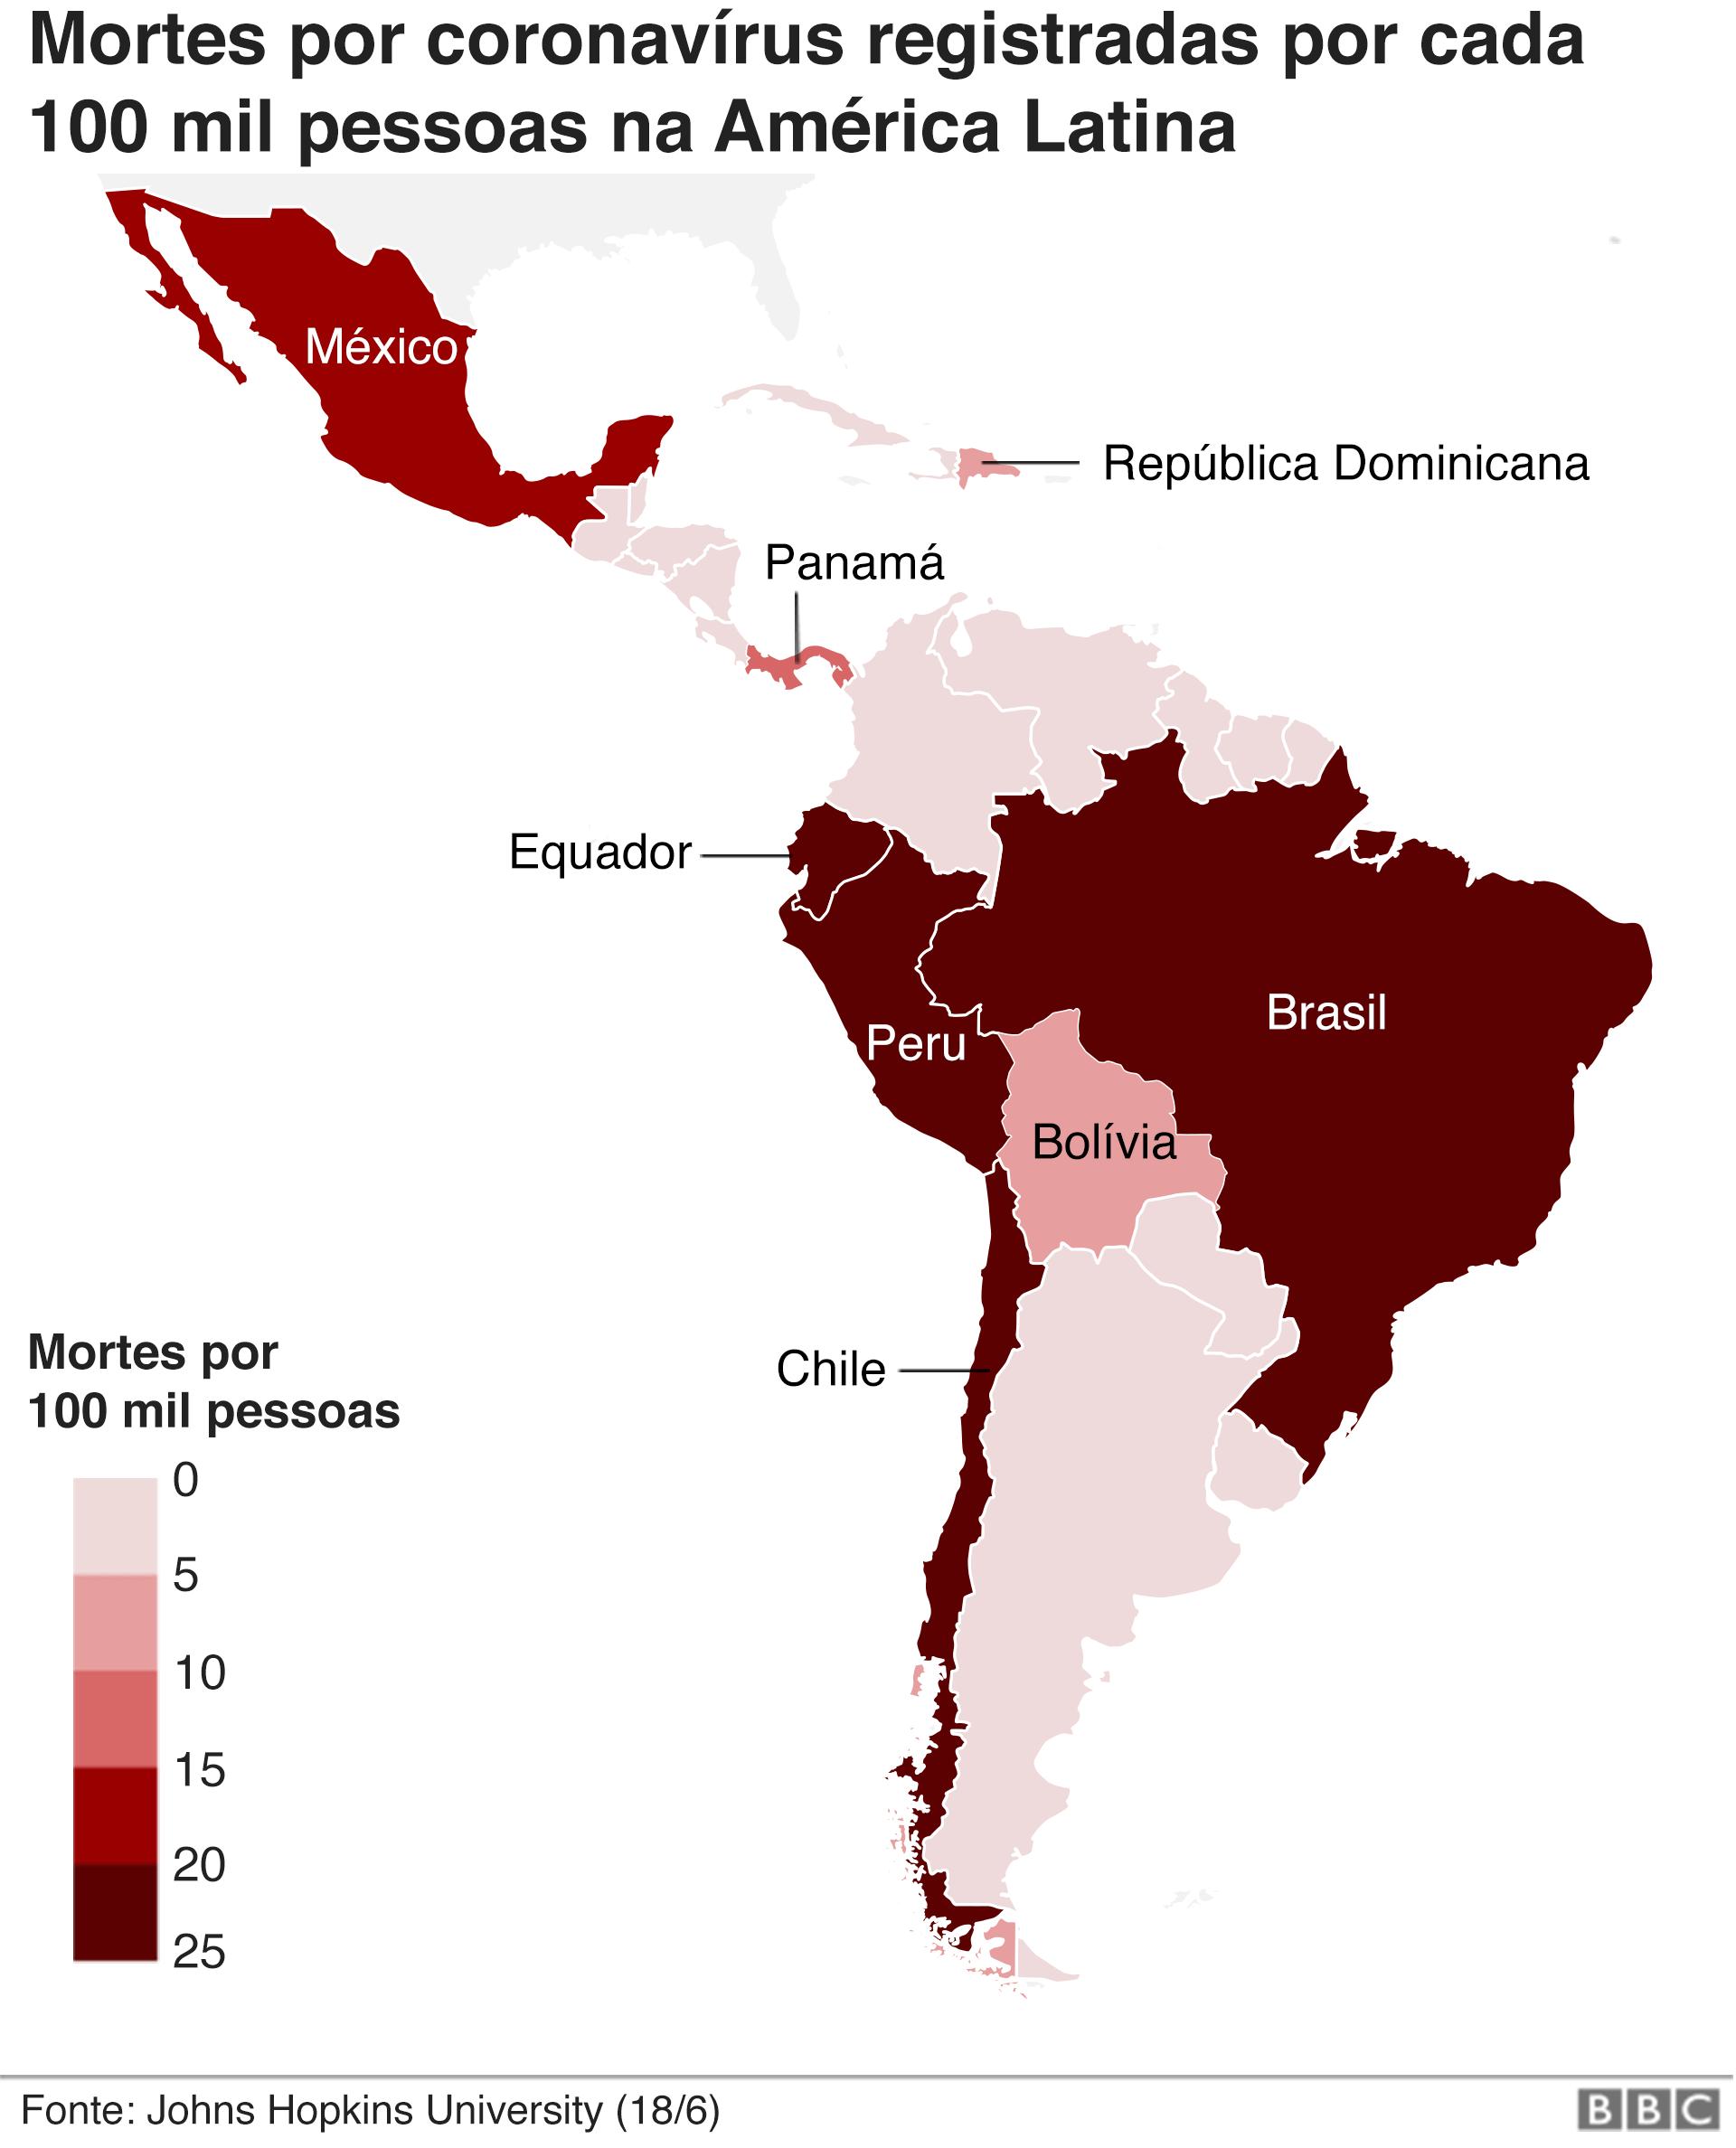 infográfico mostra areas mais afetadas